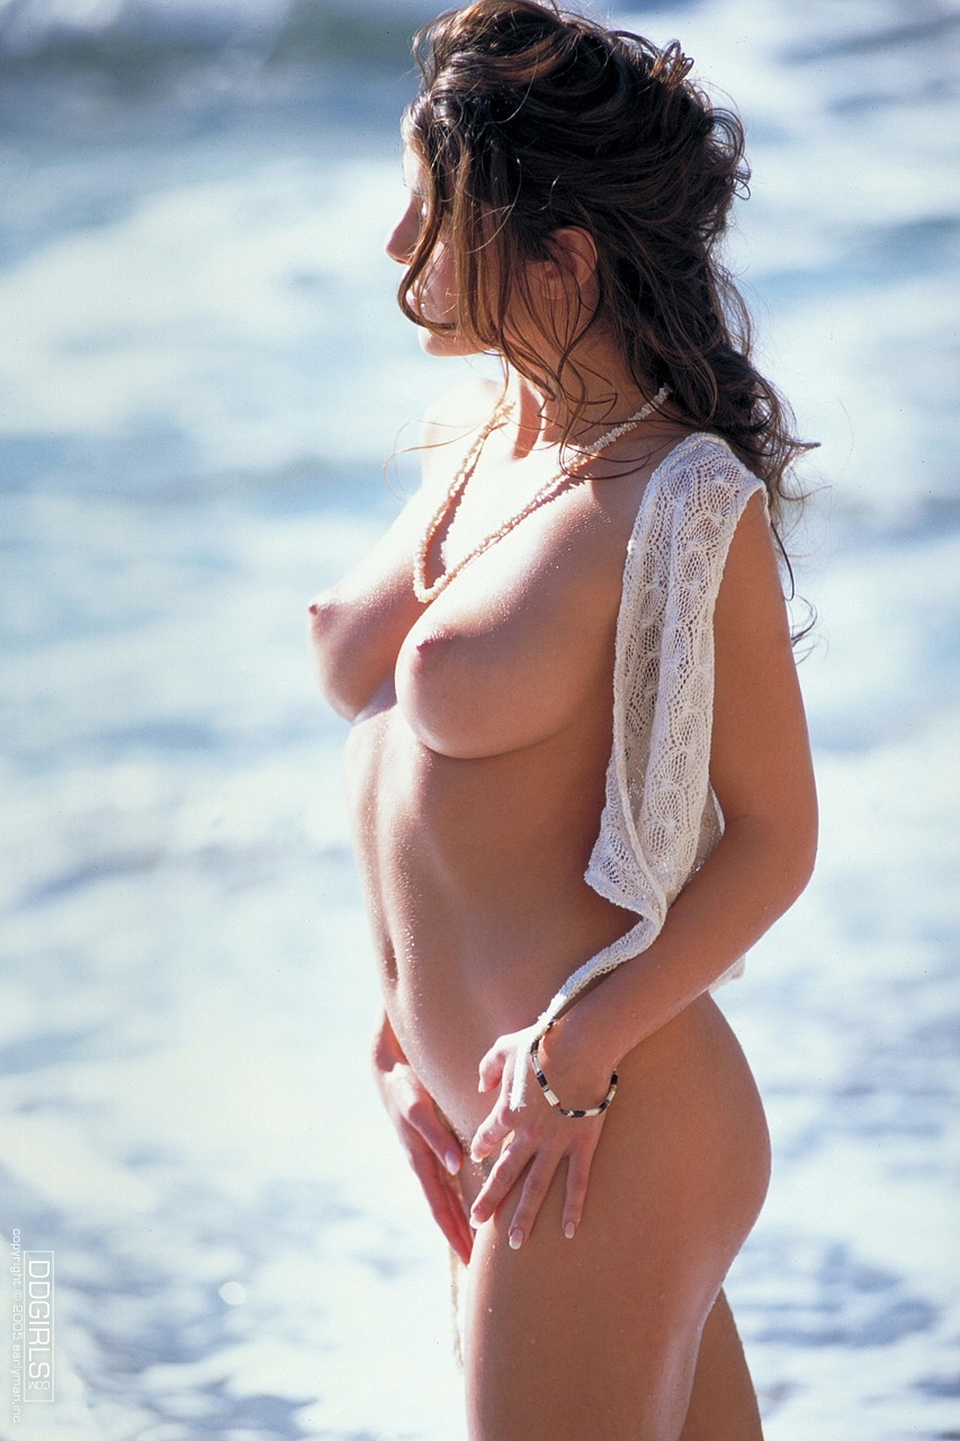 isabella_camille-1.jpg